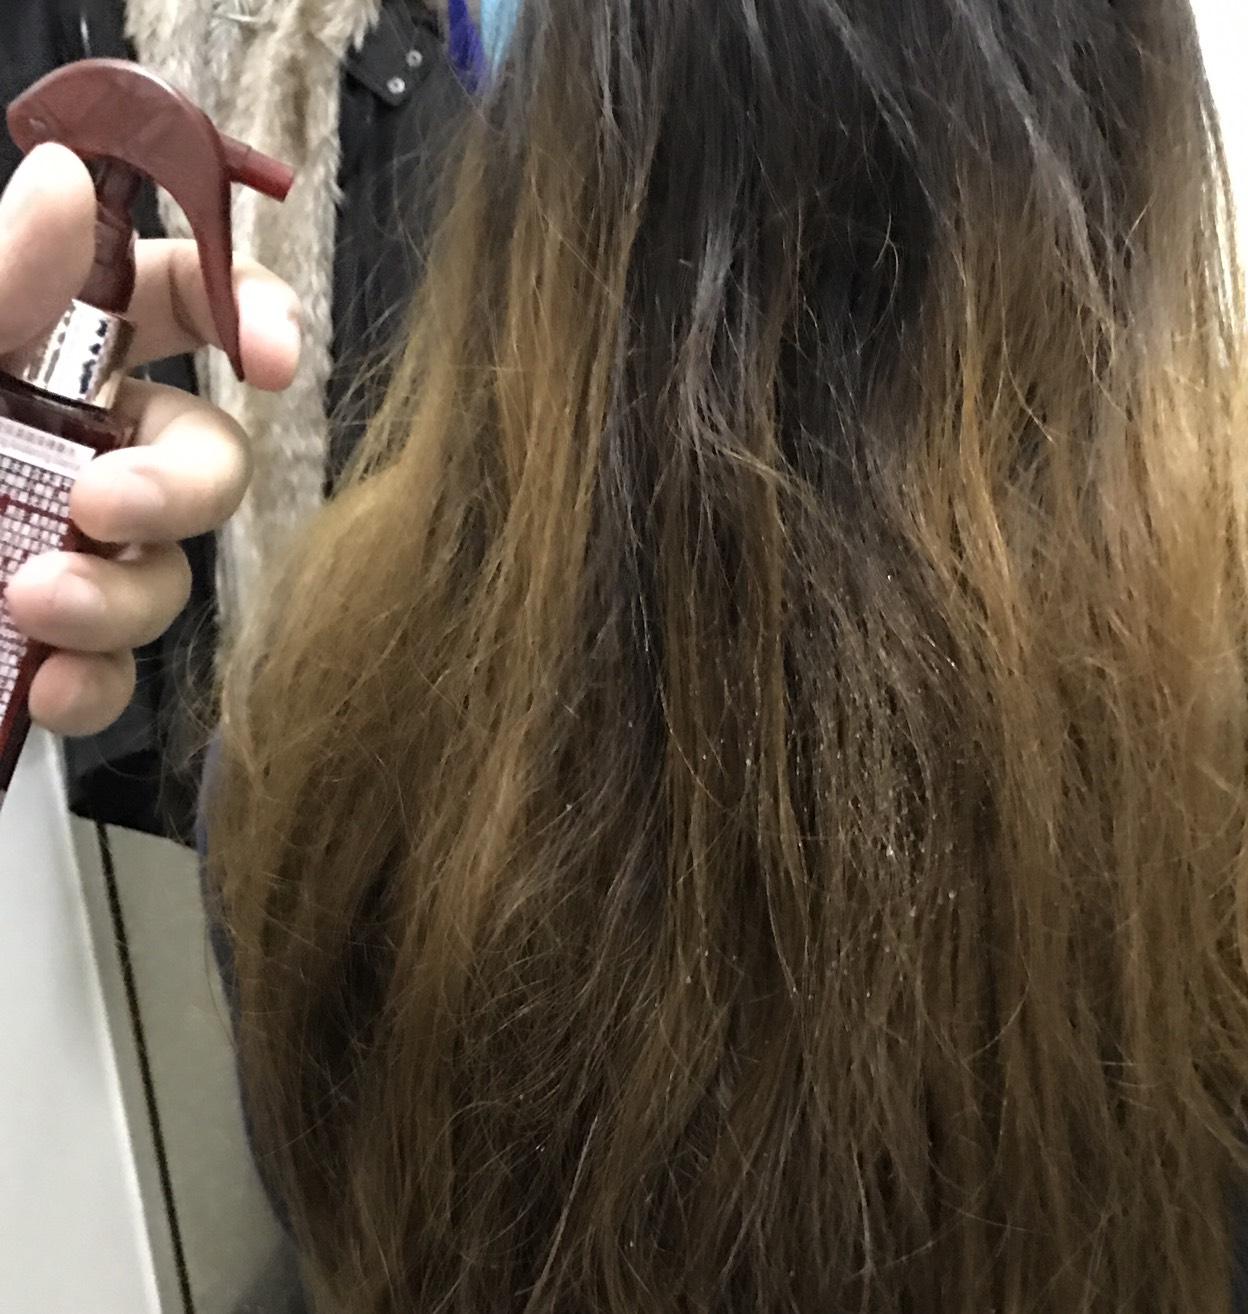 hairstyle 髮妝品分享 VS 沙宣 瞬效保濕順滑精華水 頭髮造型設計或是頭髮澎飛紛亂的整塑定型好幫手! 保養品分享 民生資訊分享 美髮相關